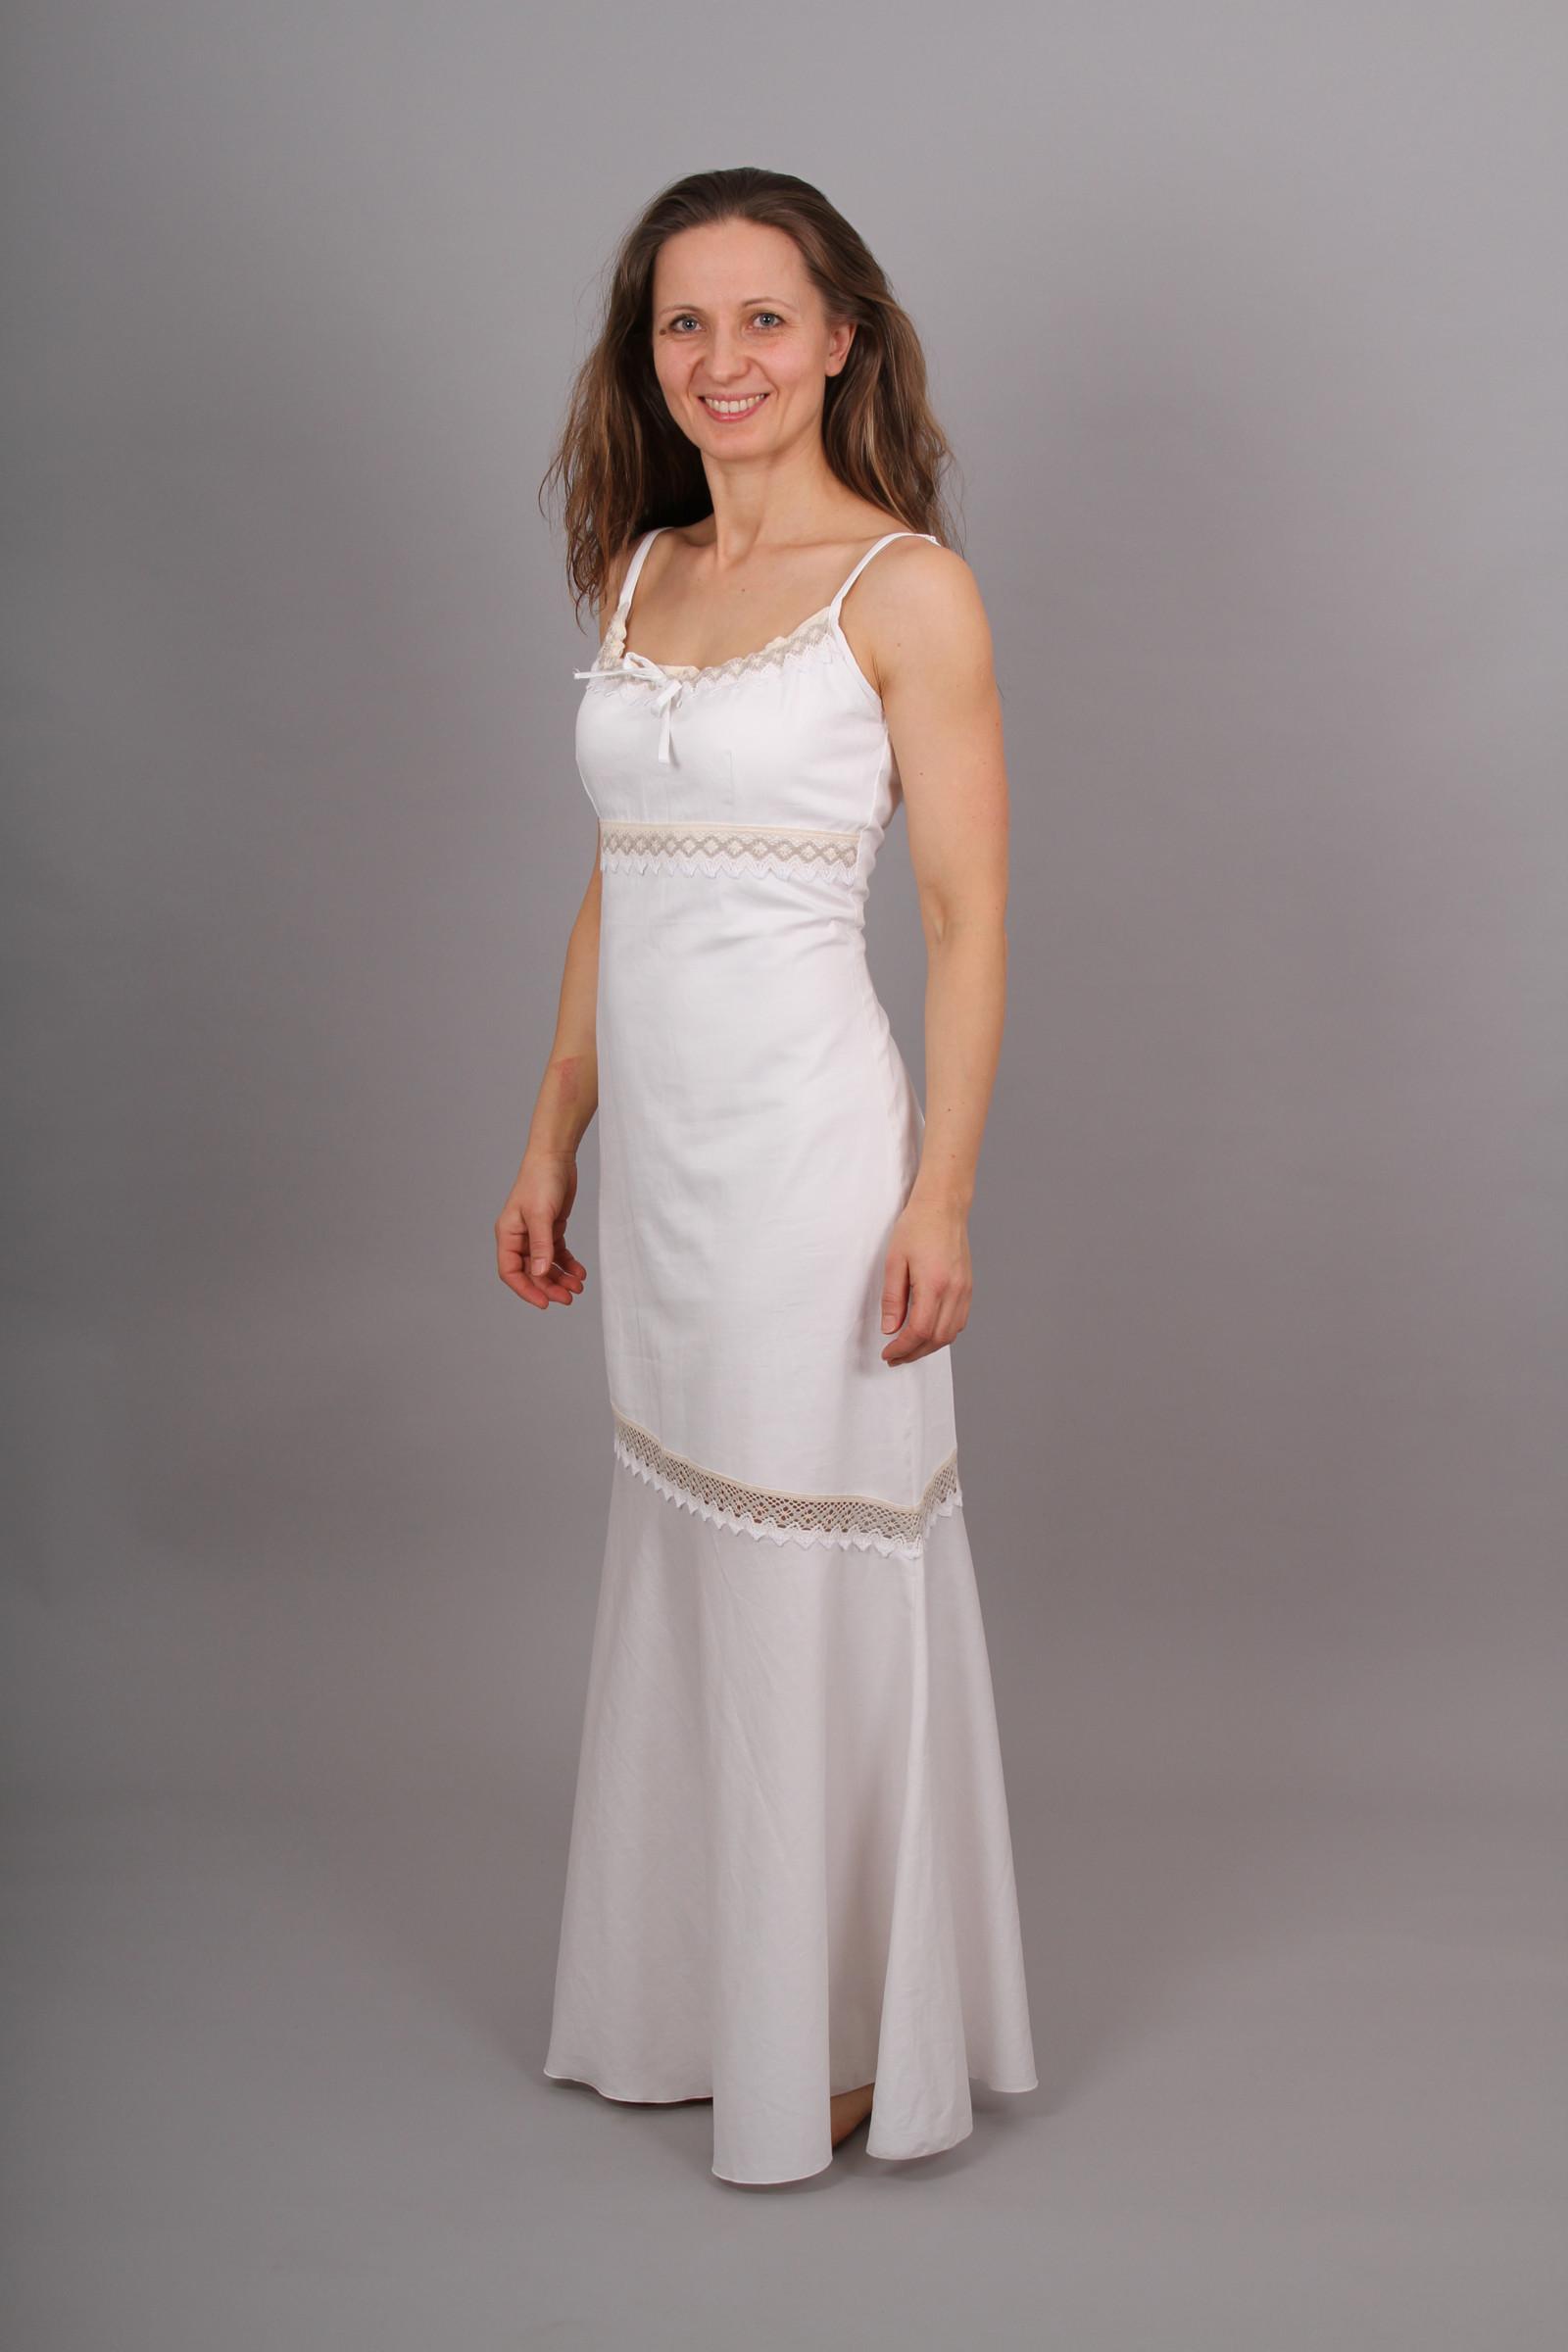 d869cddc411d Bílé saténové šaty s krajkou   Zboží prodejce Zrozena pro krásu ...